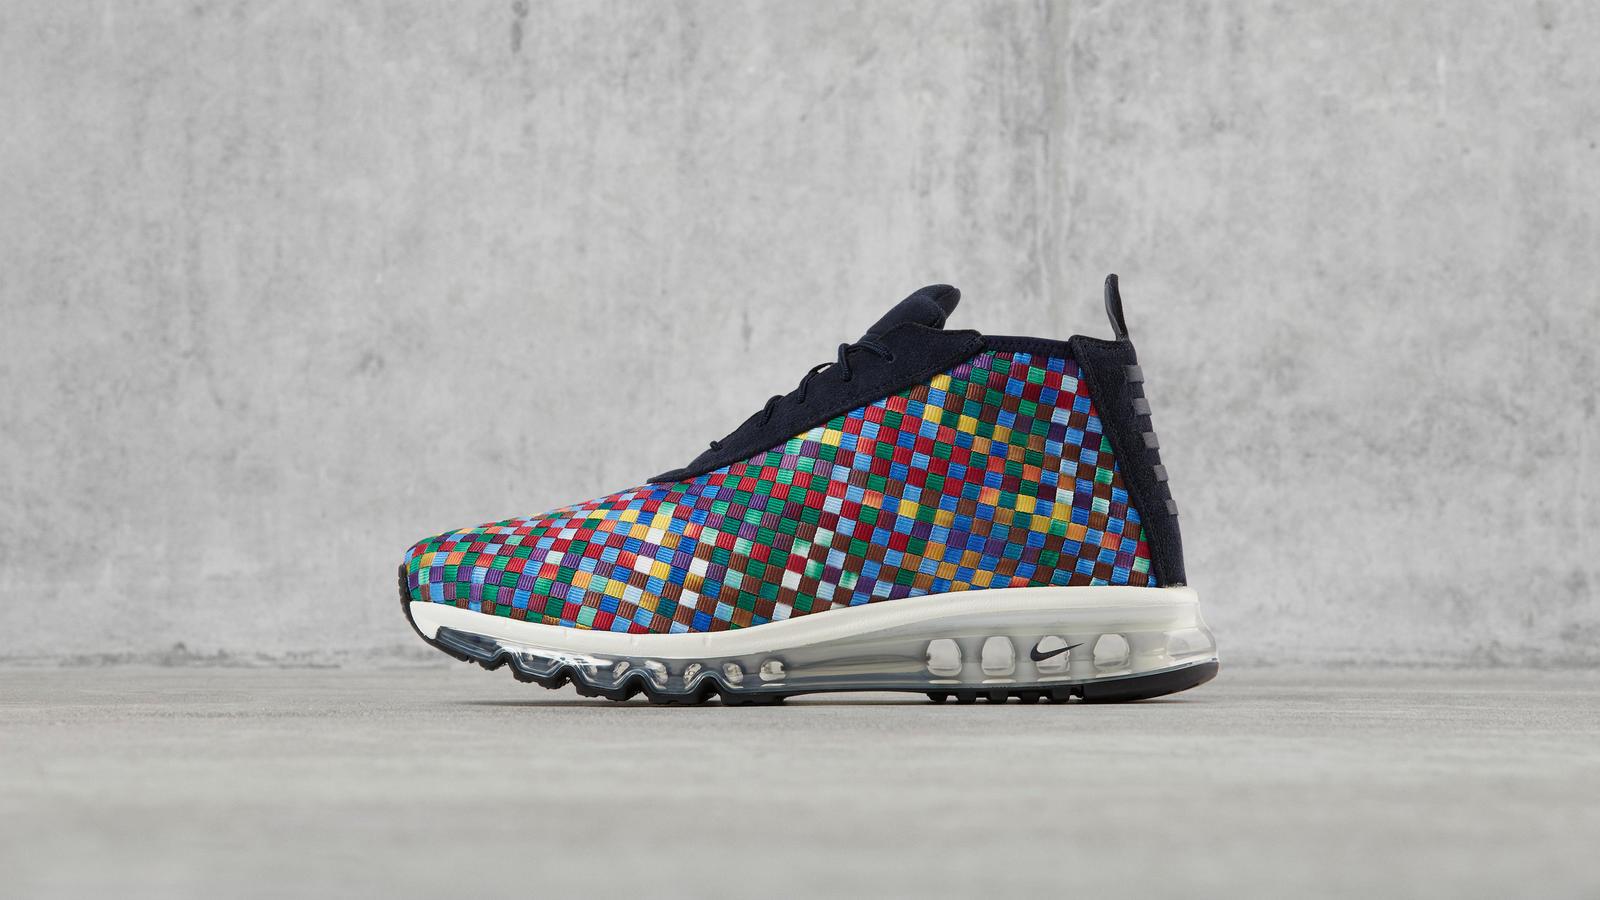 e0a866899b Nike Air Max Woven Boot - Nike News